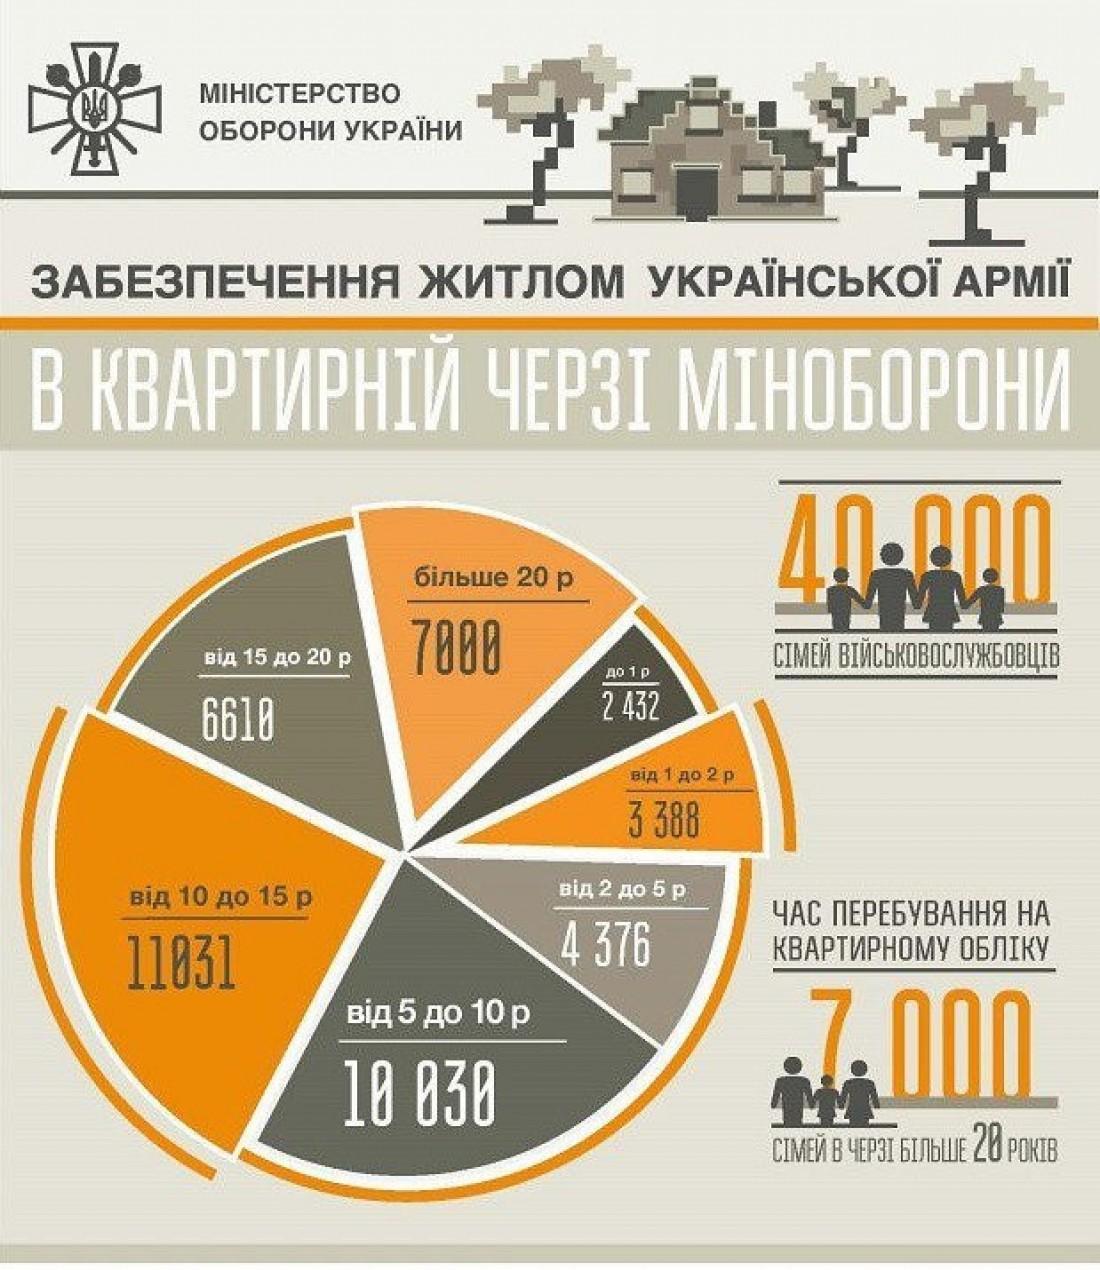 За 7 лет за госсредства было обеспечено лишь 10% от потребностей военных в жилье